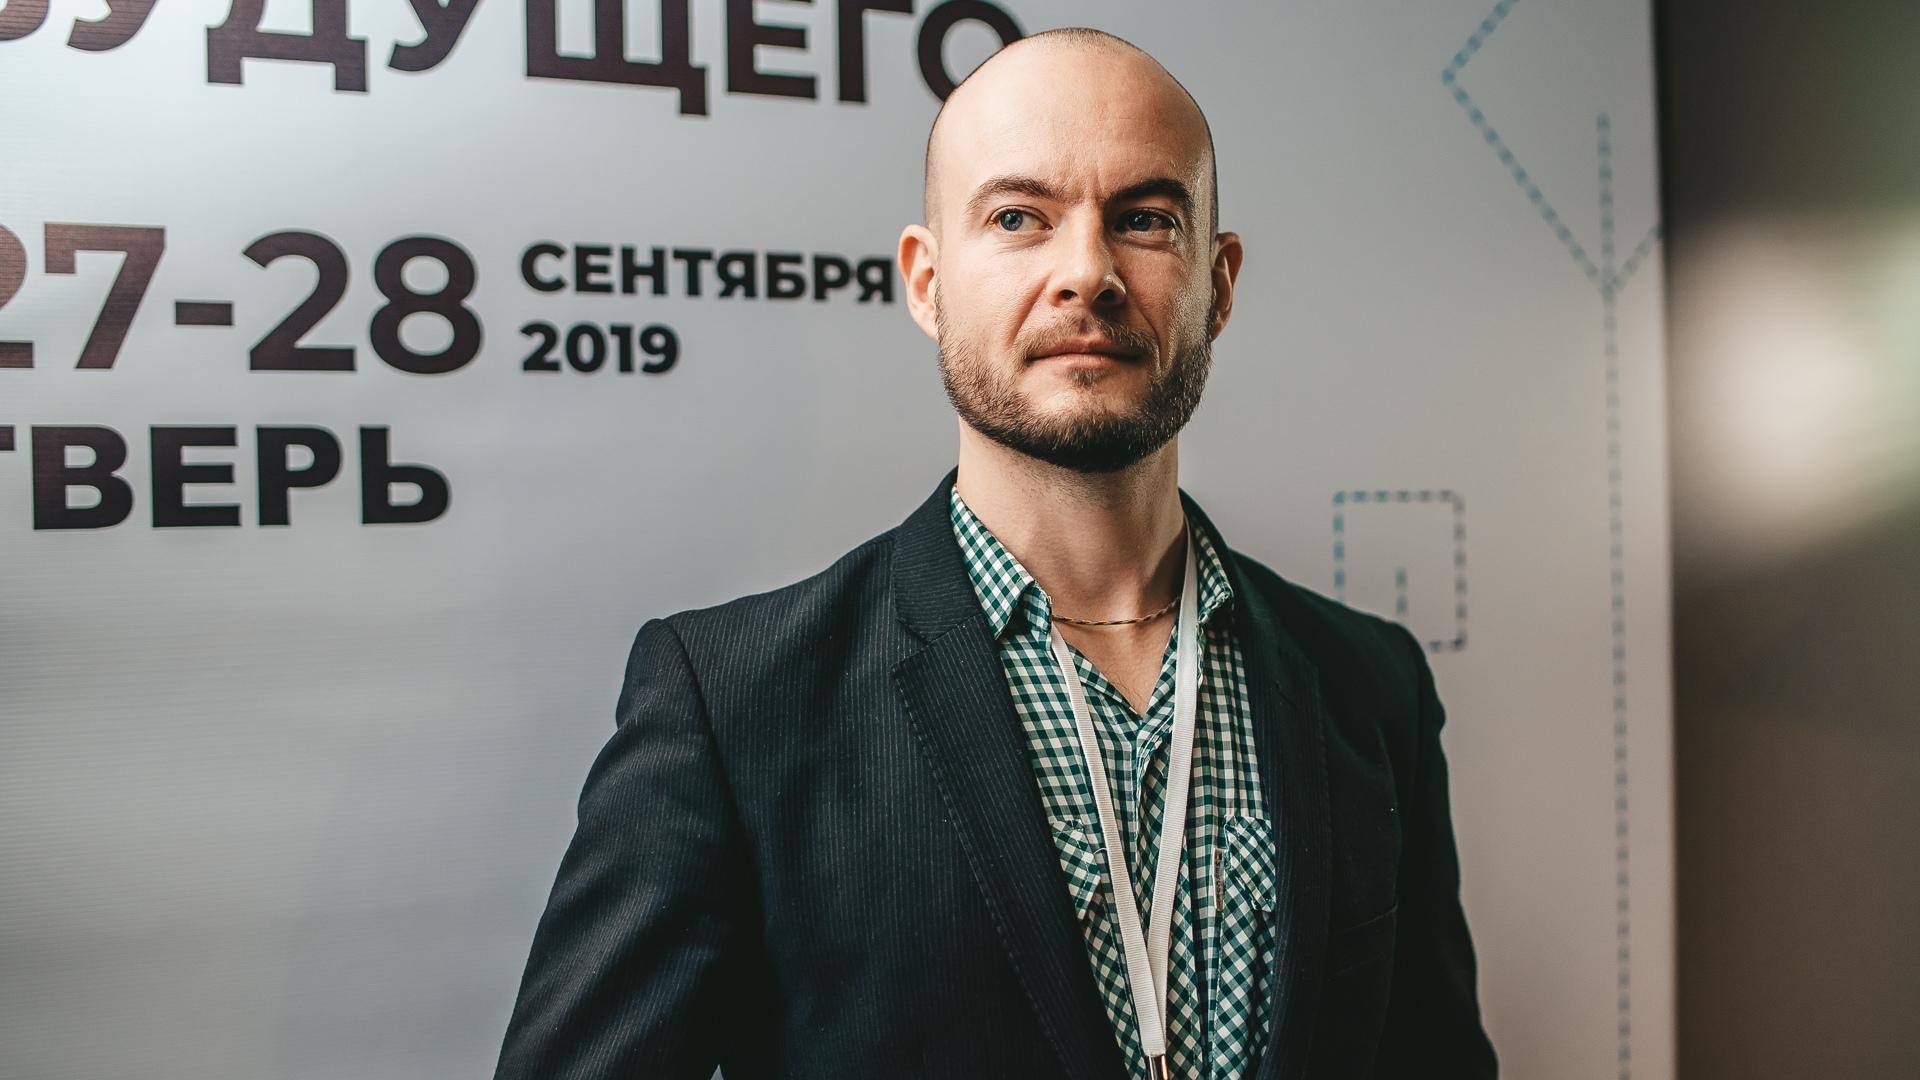 Игорь Докучаев: чтобы привлечь инвестиции, нужно быть готовым принять их